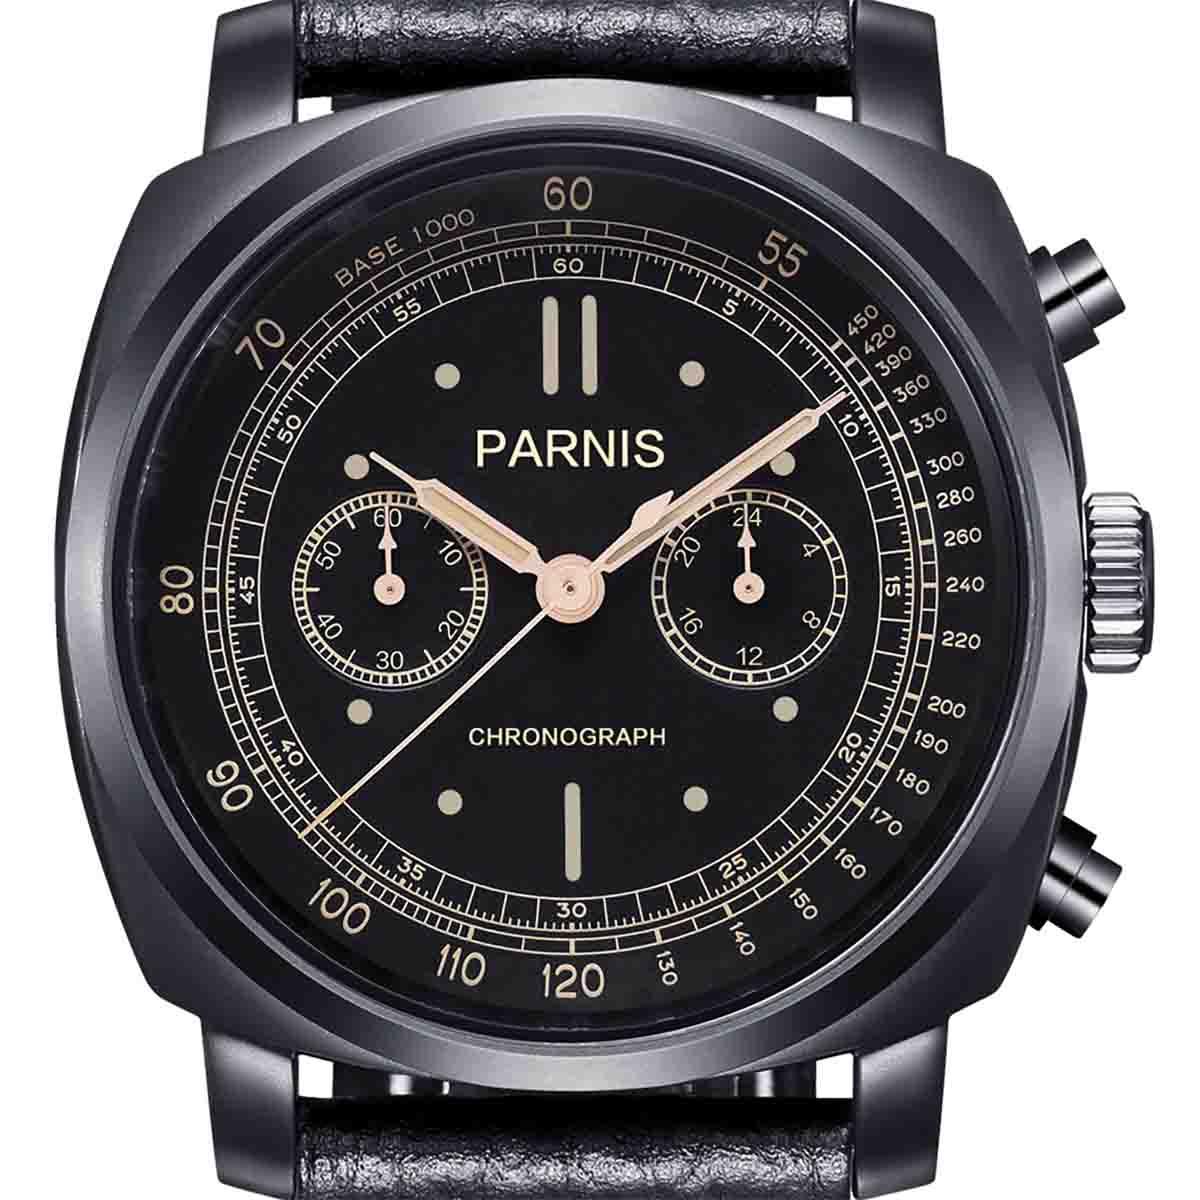 【残り1点】【NEW】PARNIS パーニス クォーツ 腕時計 [PA6046-B-S5EL-BKbkBKw] 並行輸入品 純正ケース メーカー保証12ヶ月